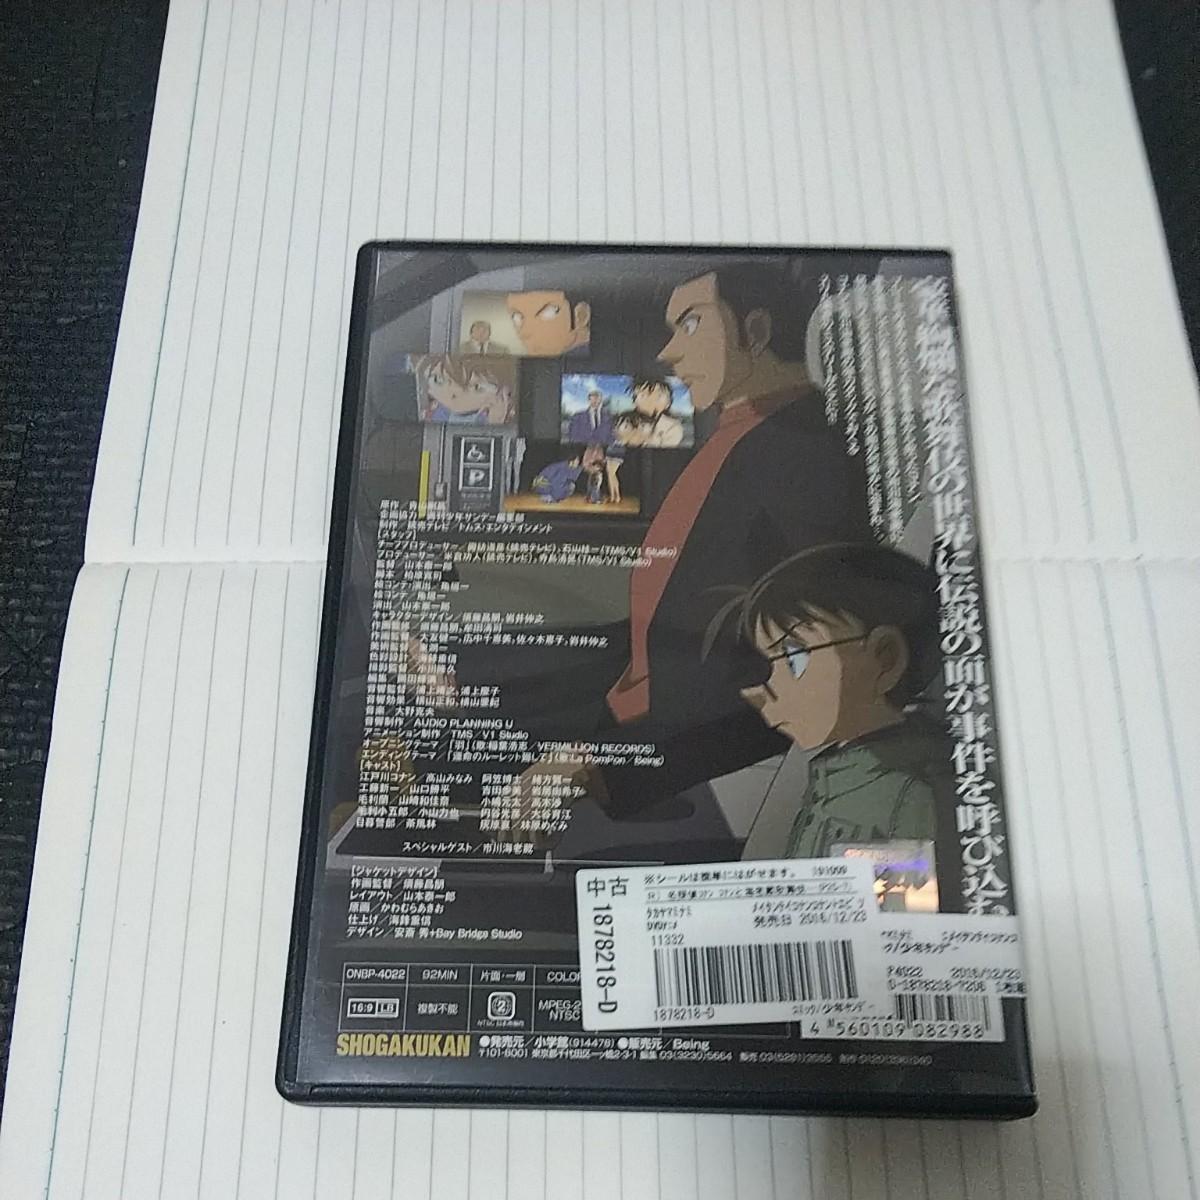 名探偵コナン歌舞伎十八番ミステリー アニメdvd 名探偵コナンdvd